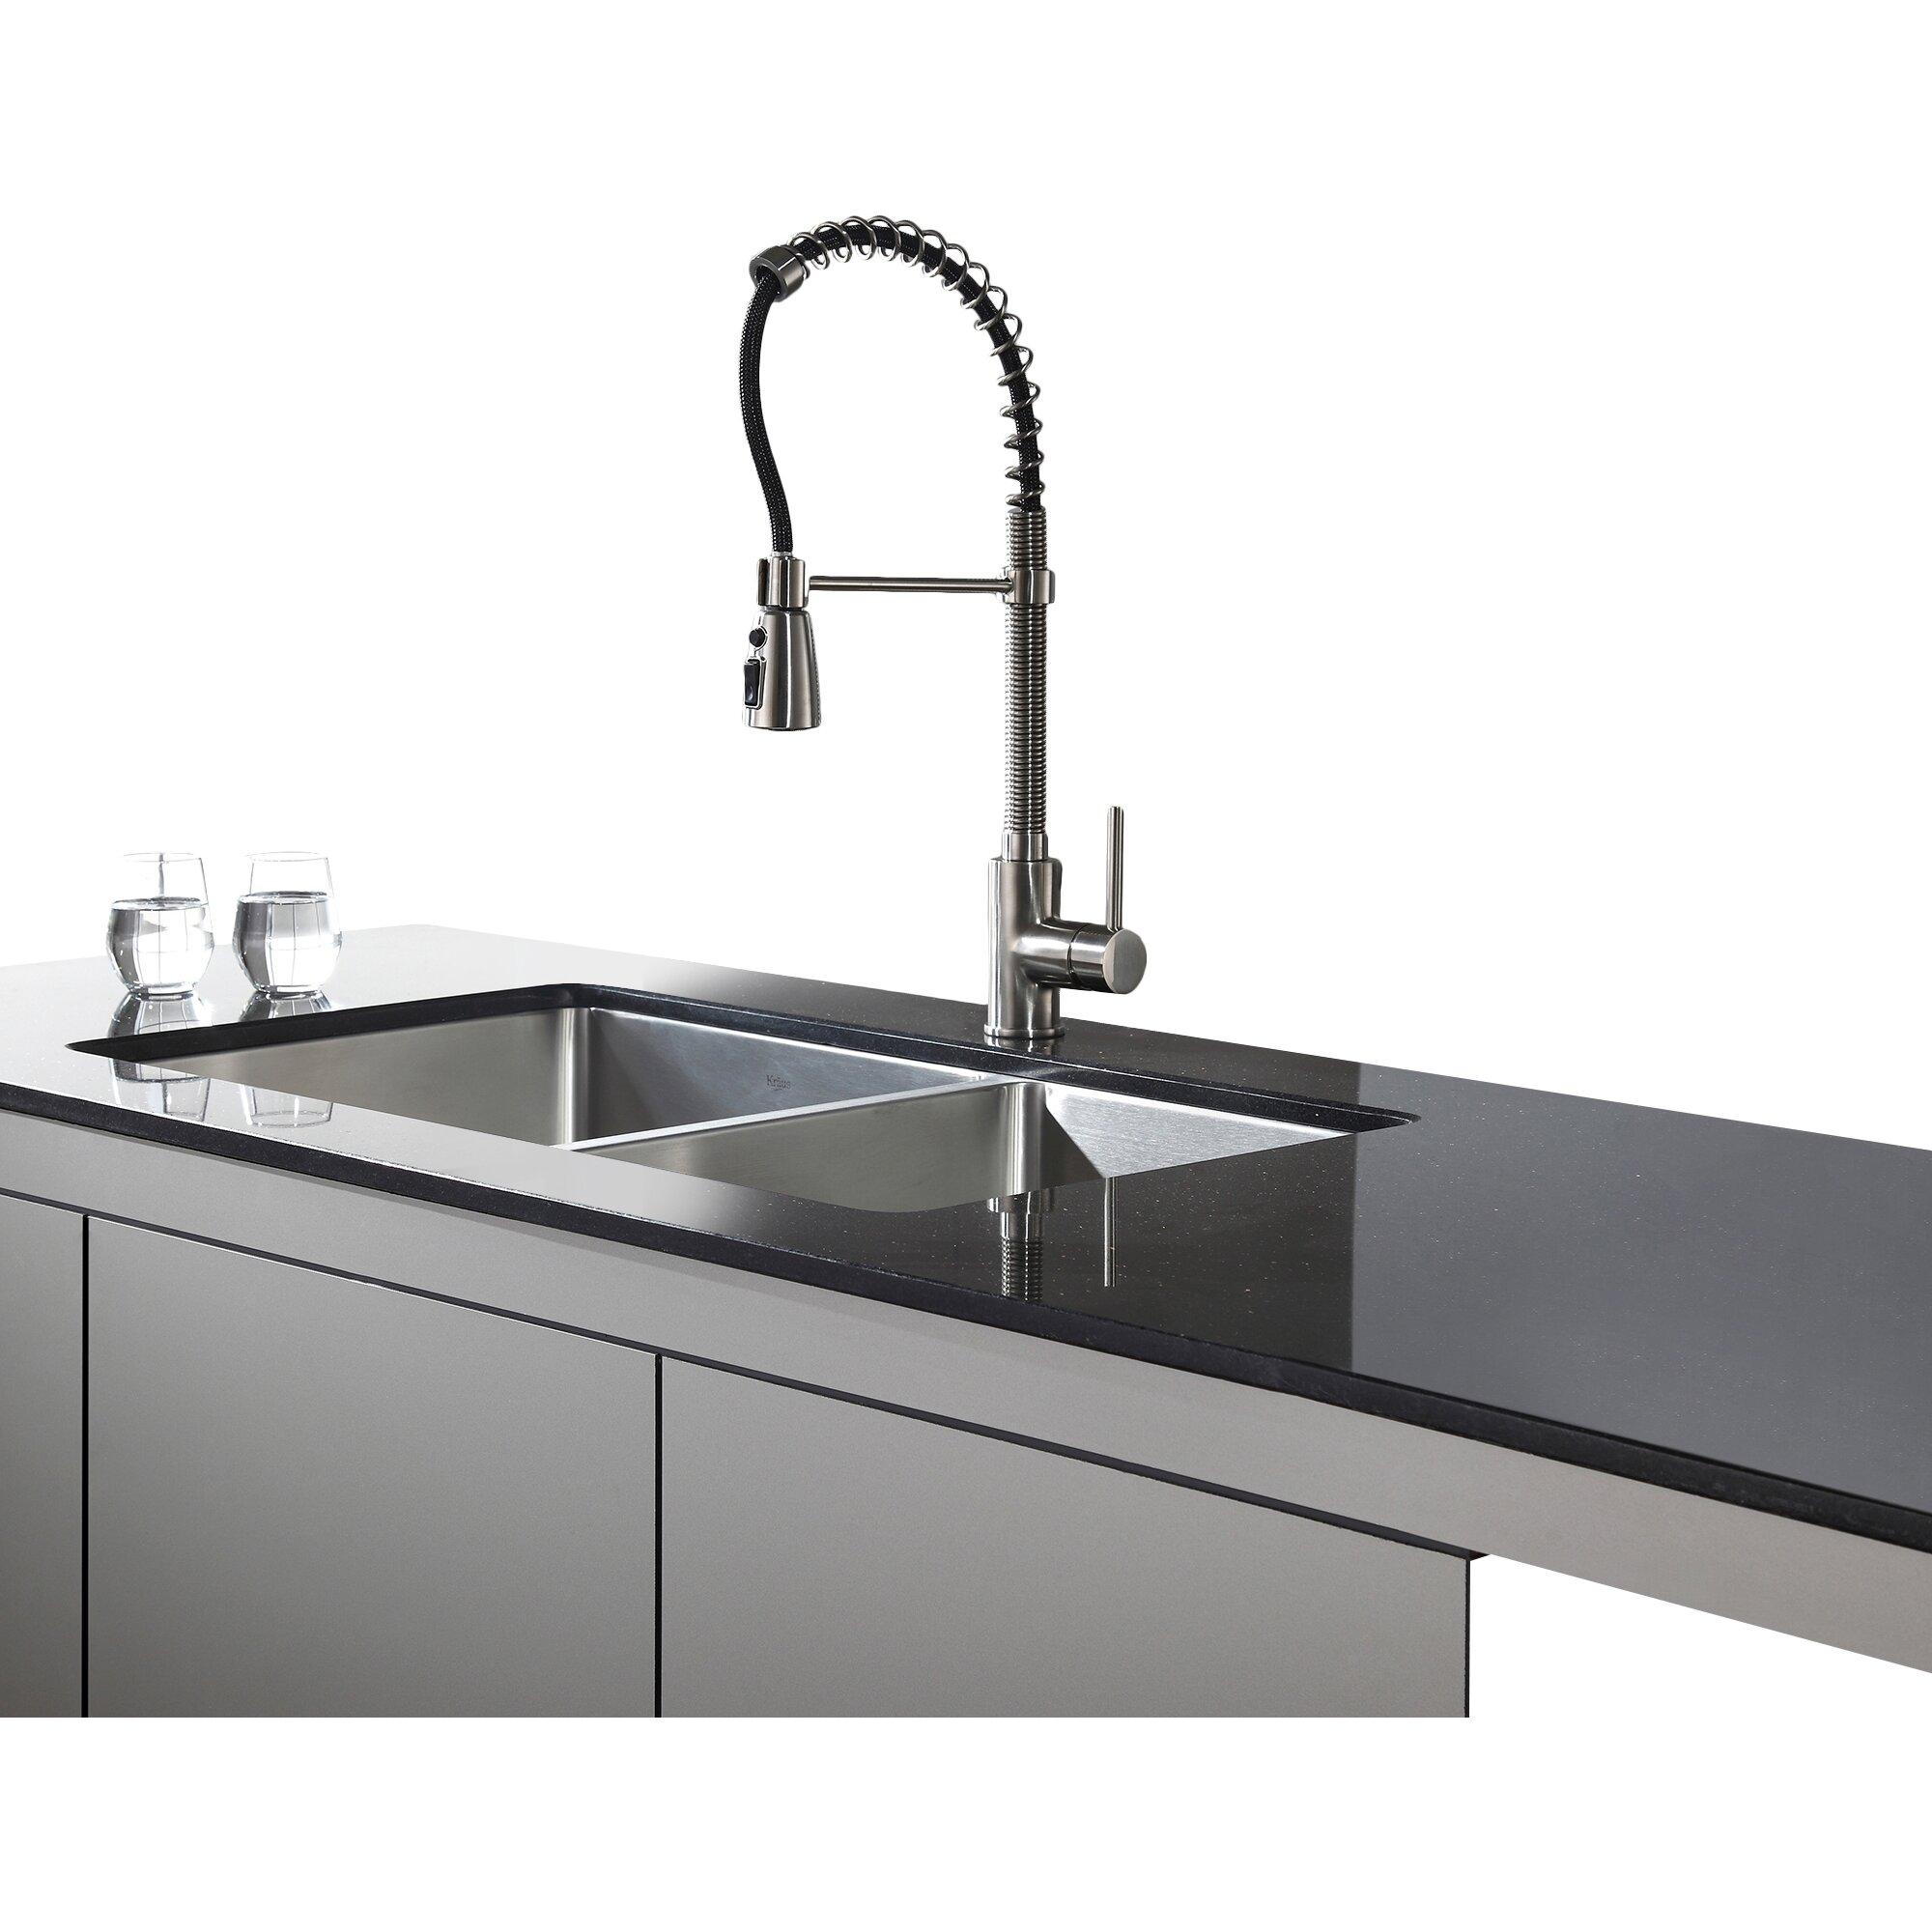 Kraus X 19 6 Piece Undermount Double Bowl Kitchen Sink Reviews Wayfair Supply